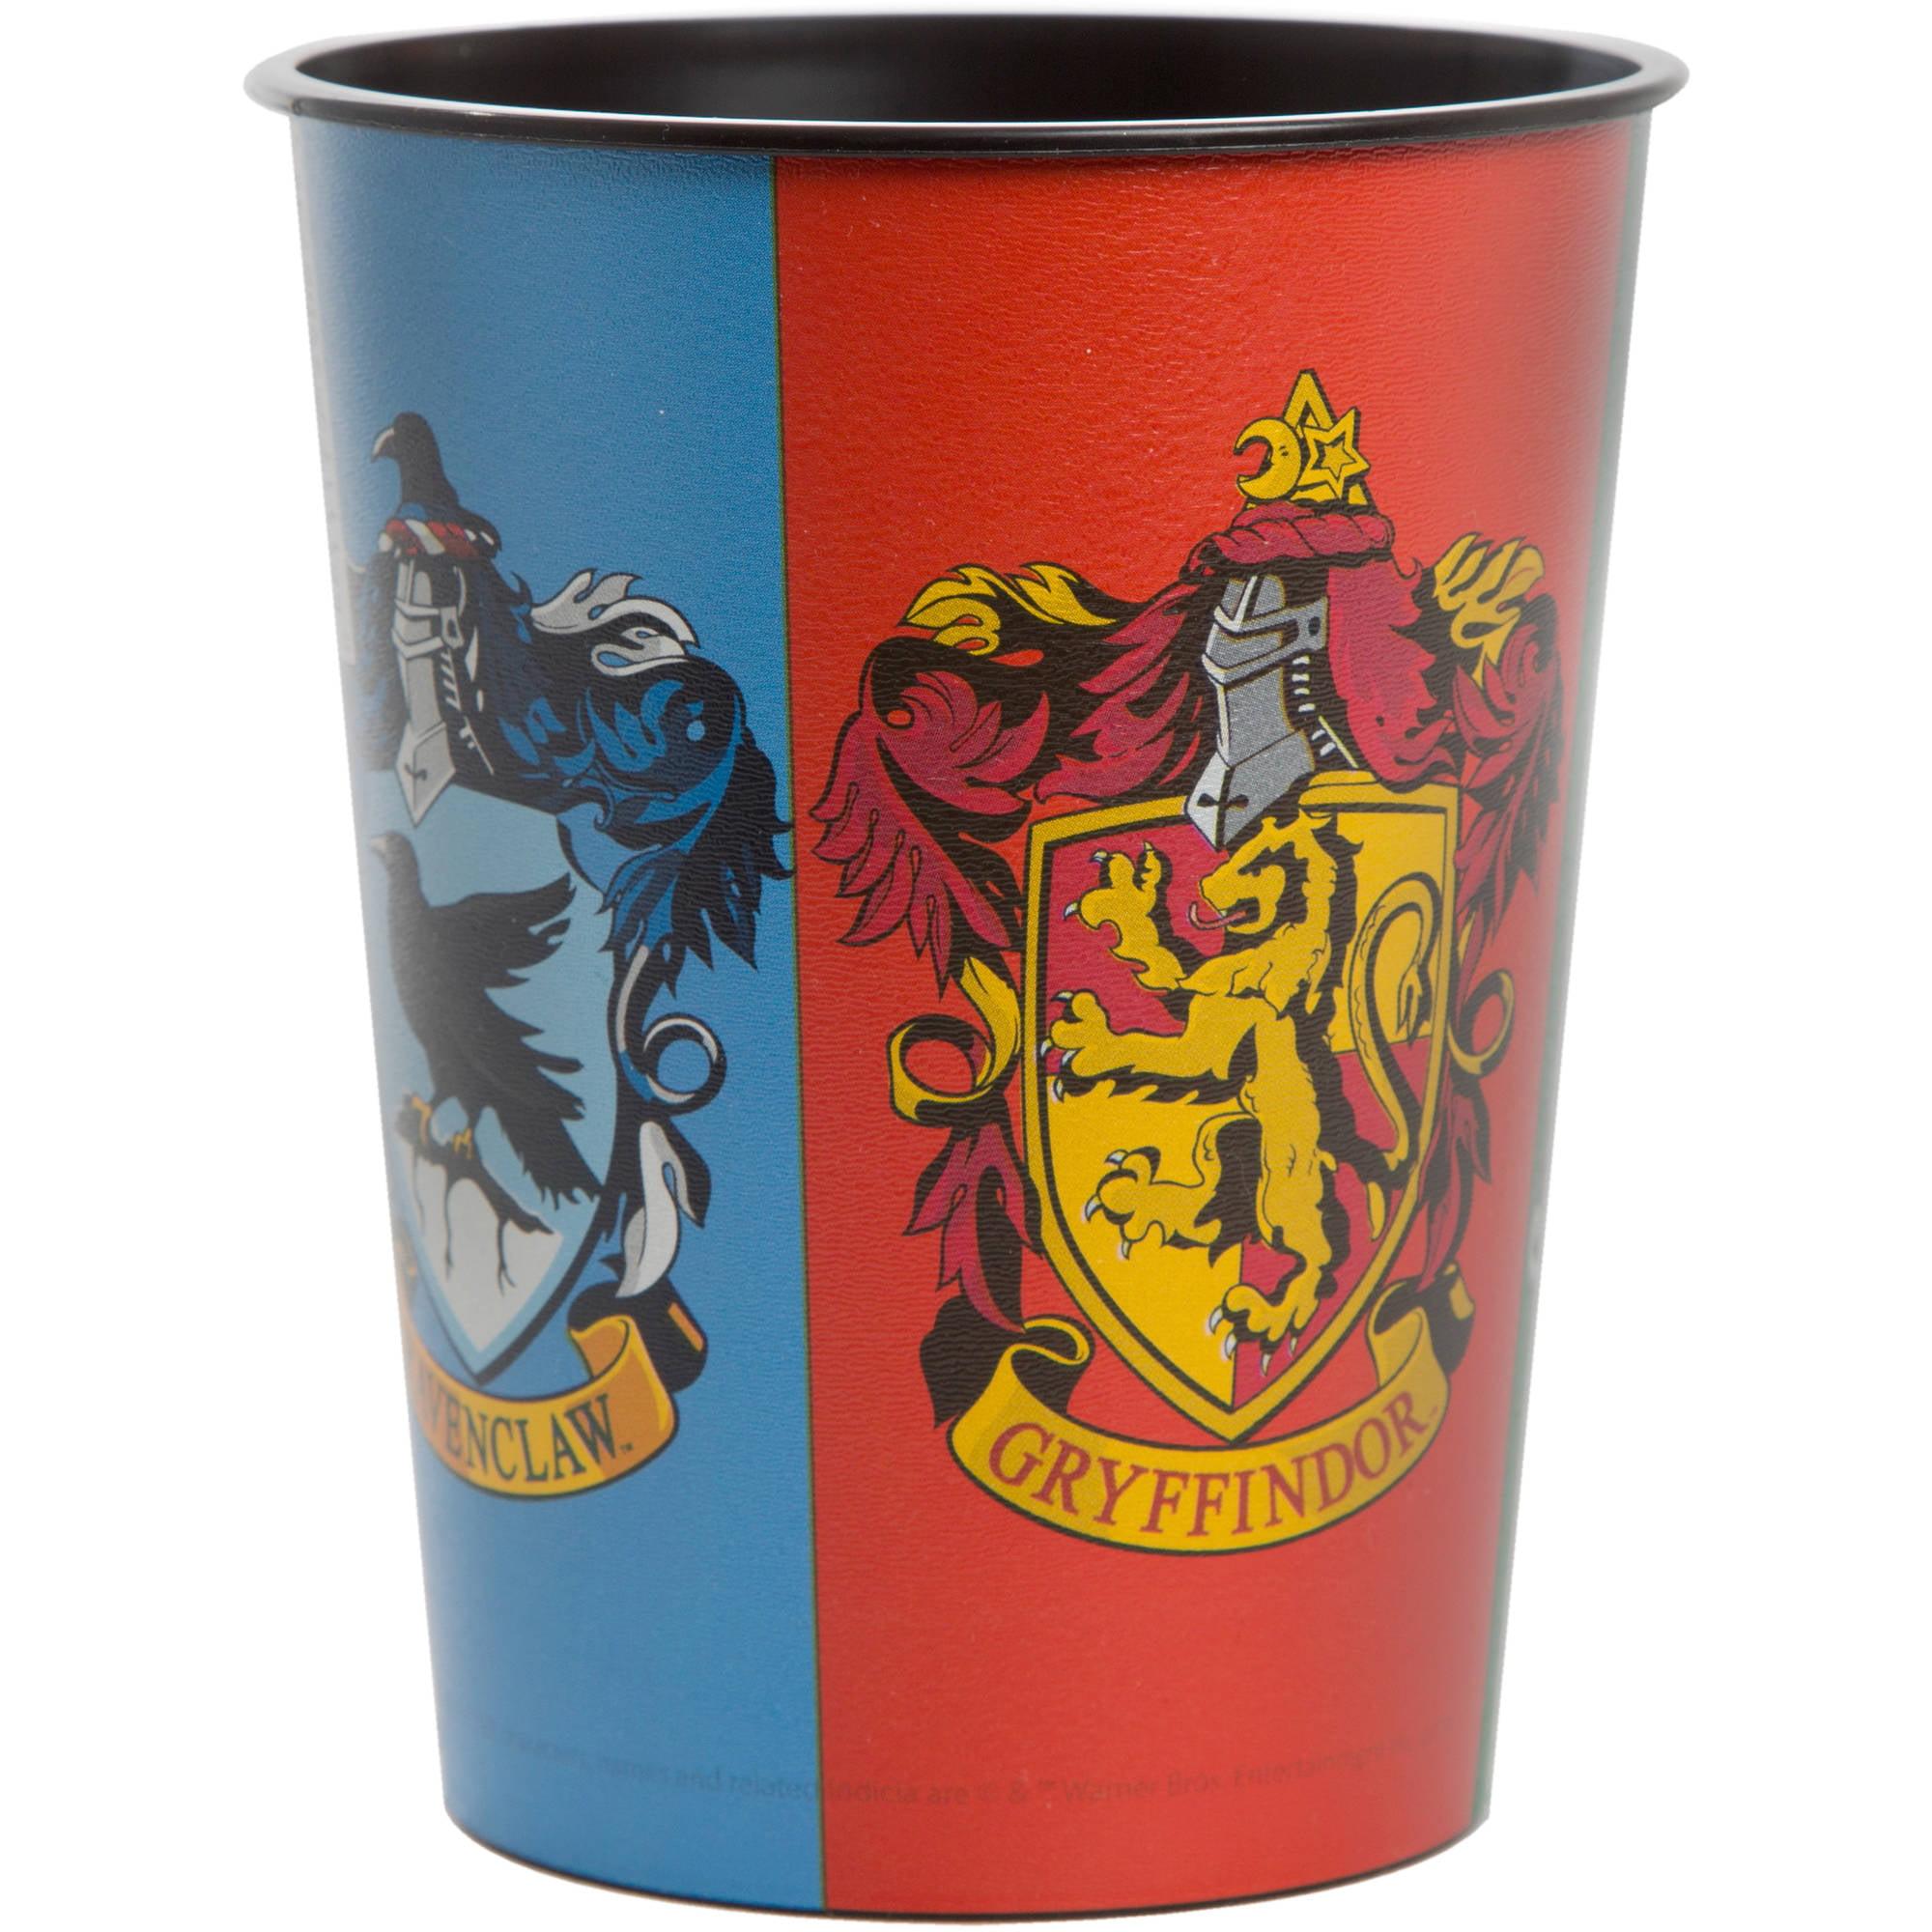 16oz Harry Potter Plastic Cup by Unique Industries